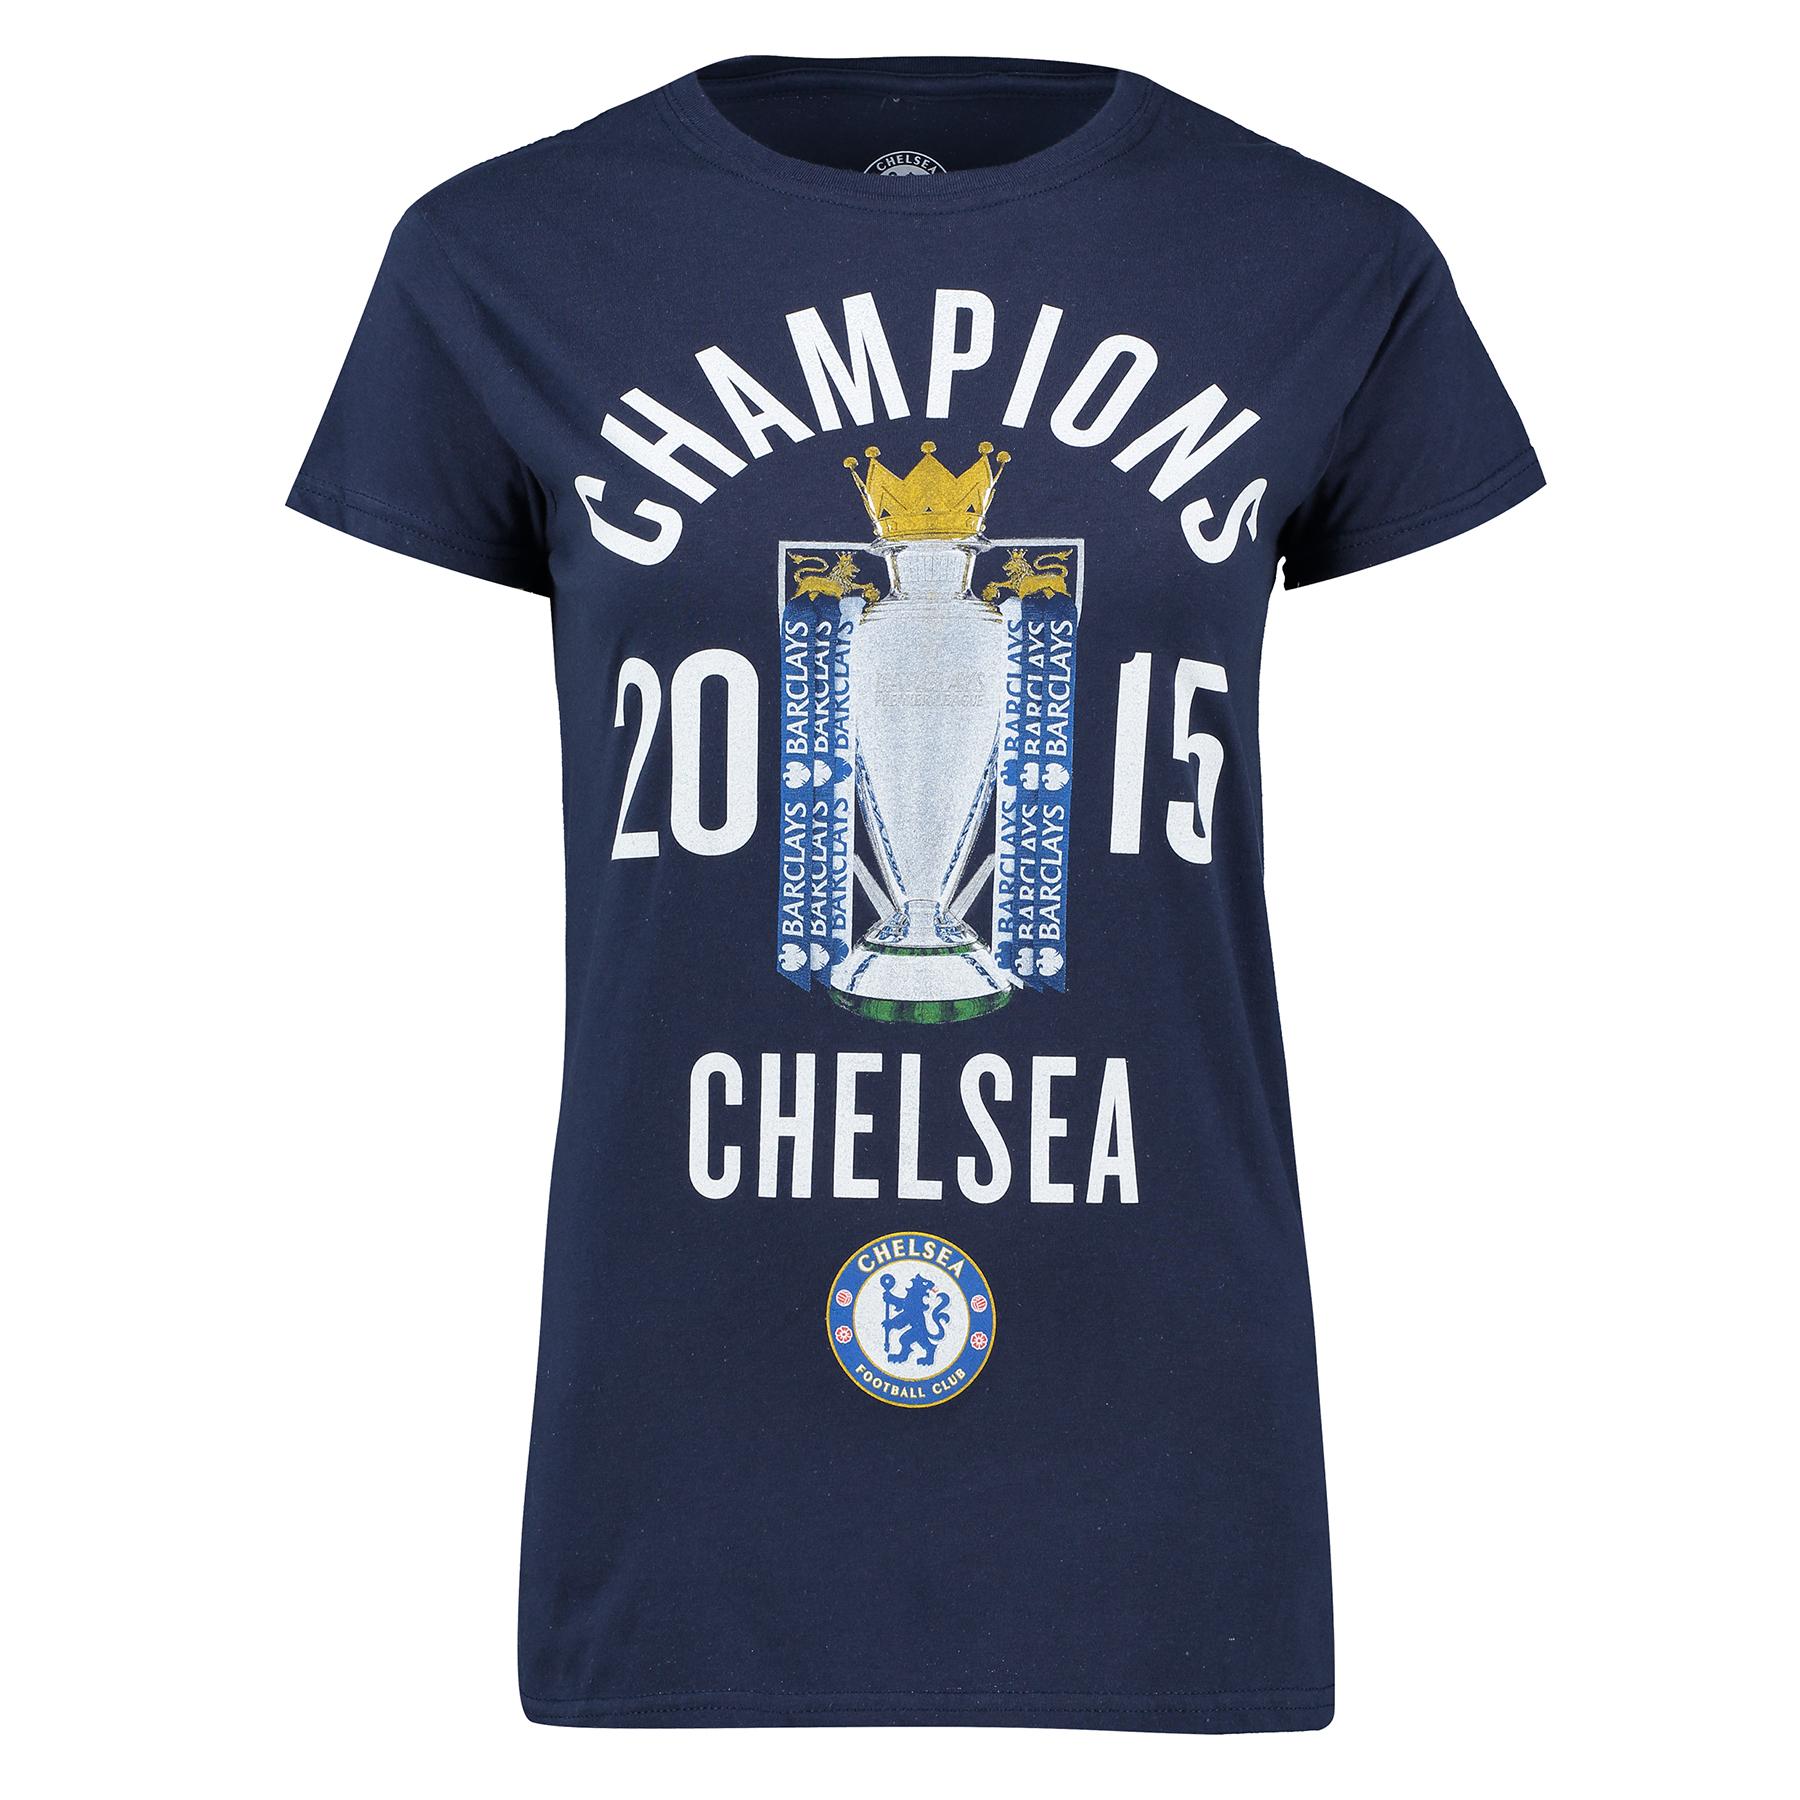 Chelsea 2014/15 Barclays Premier League Champions T-Shirt - Navy - Wom